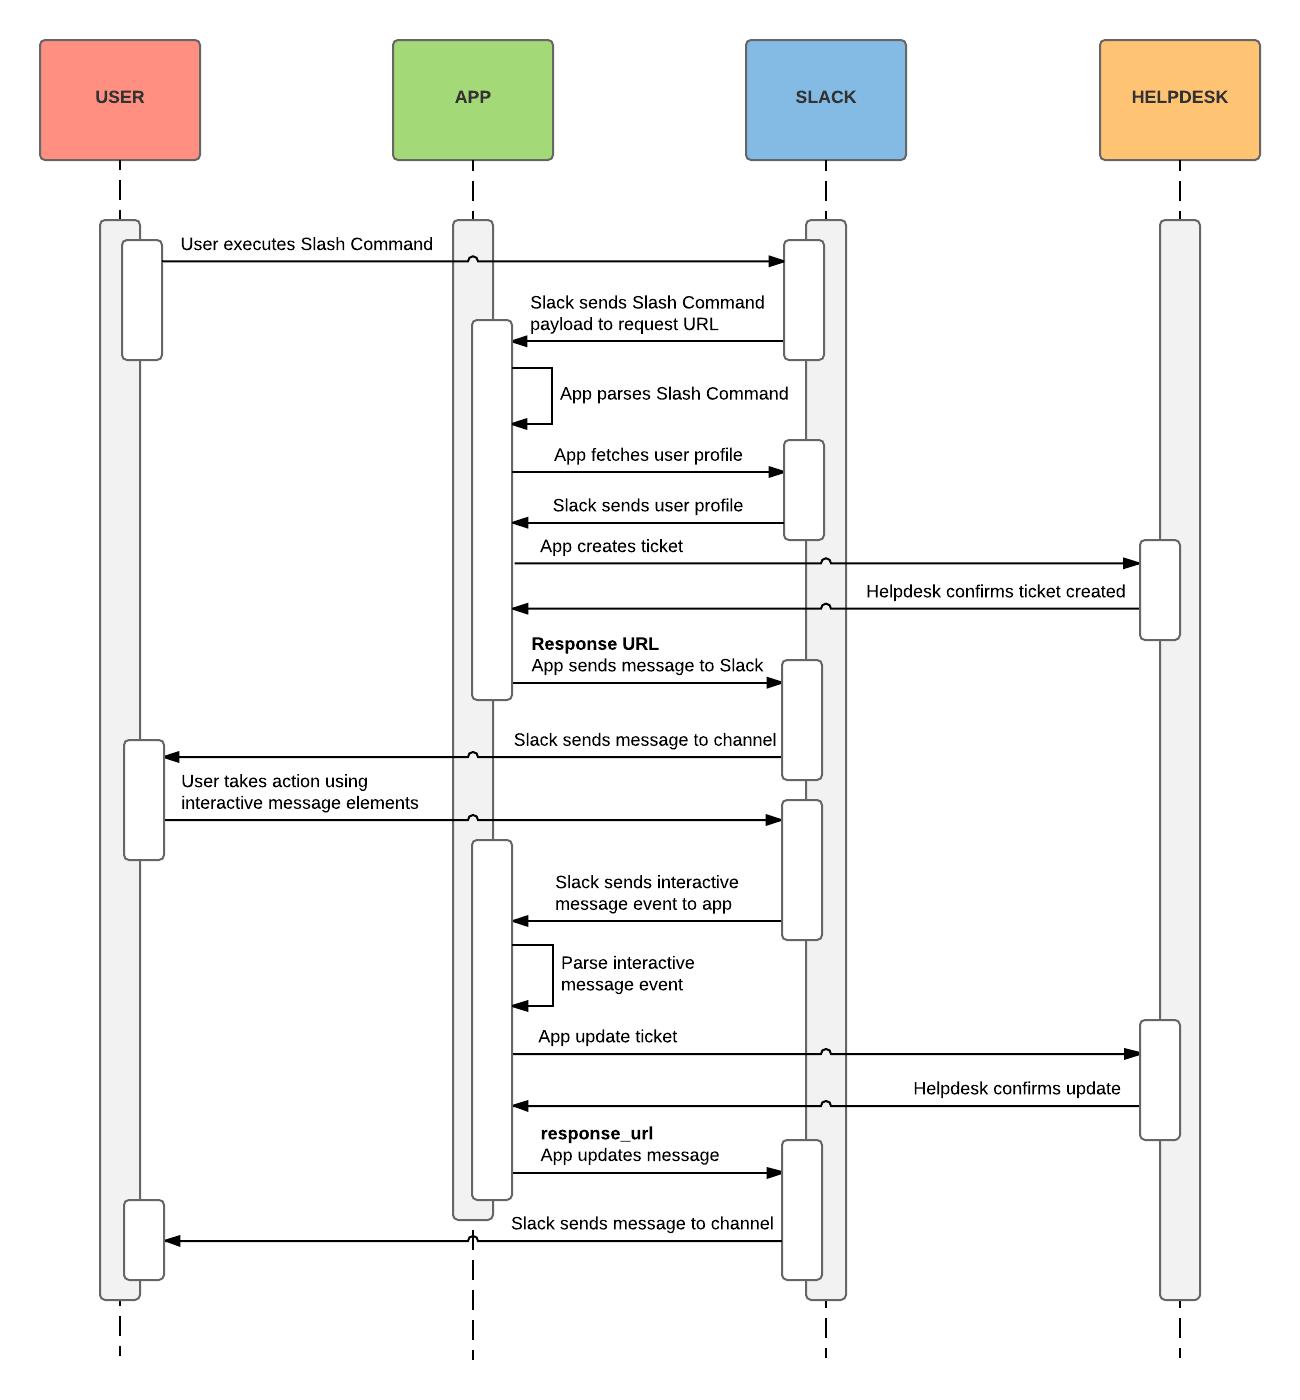 A flow diagram detailing actionable slash command